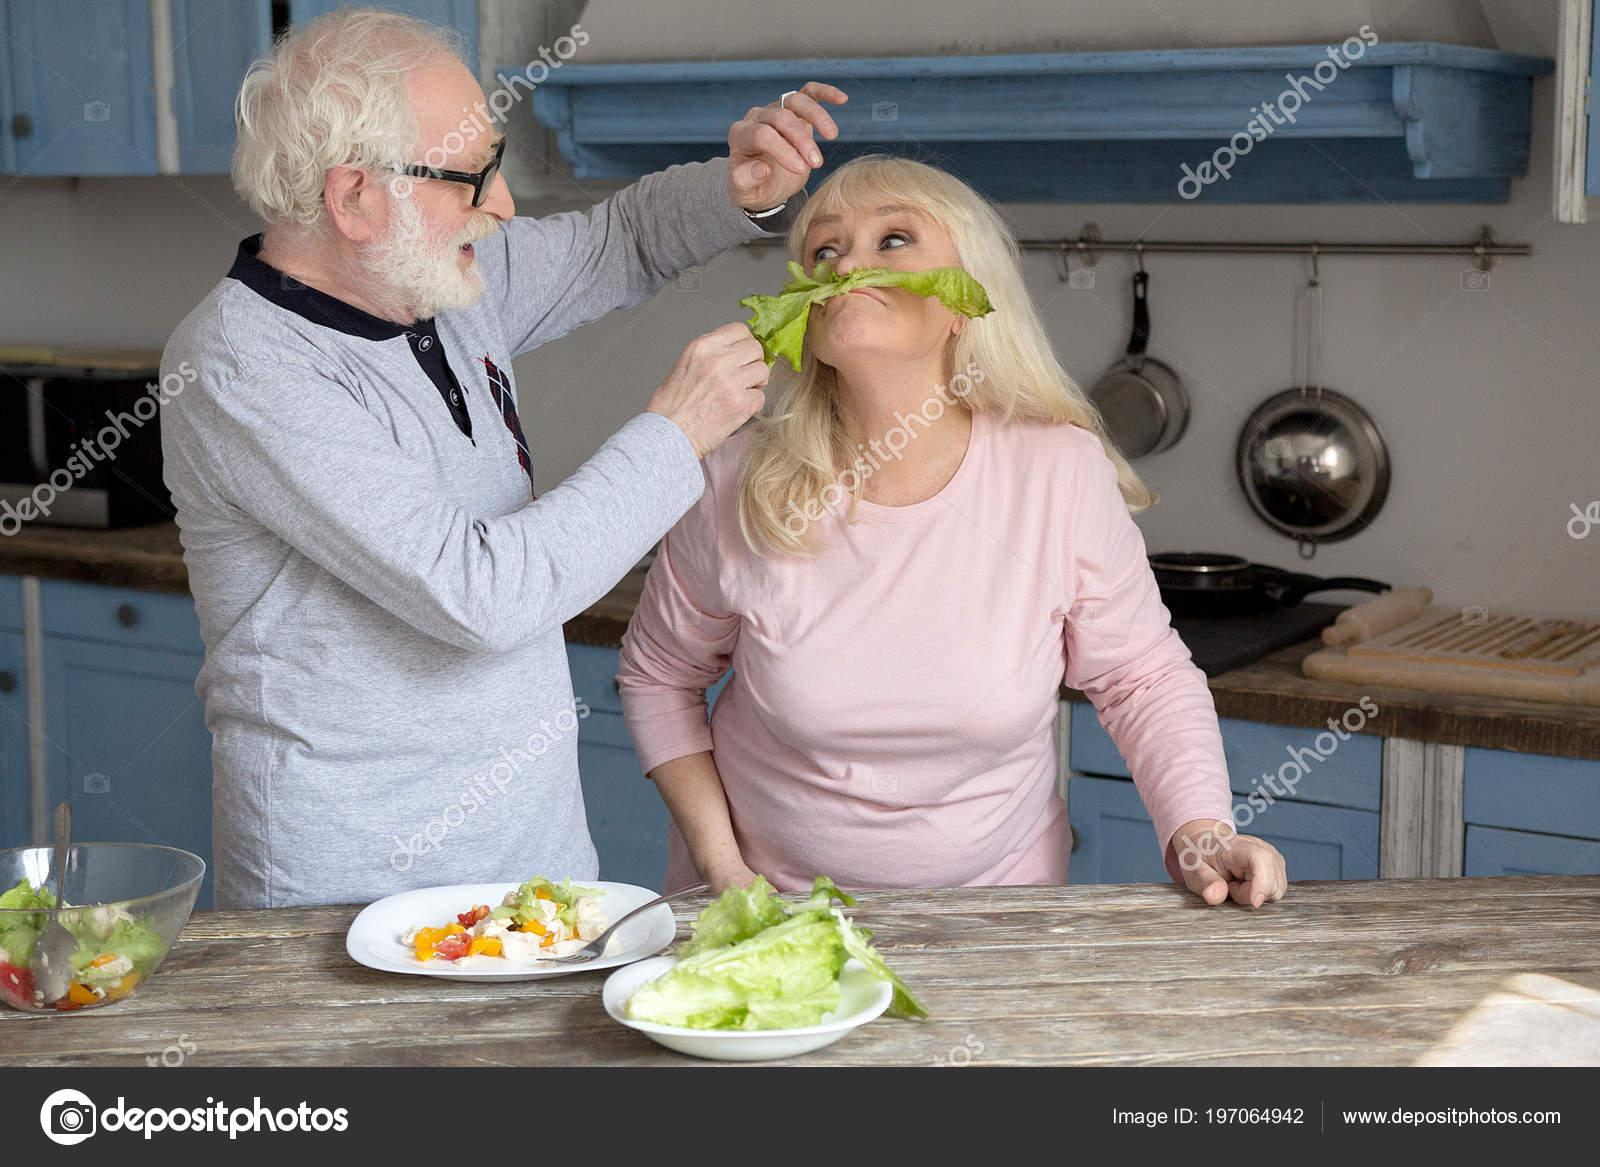 Elderly Couple Having Fun In Kitchen Stock Photo